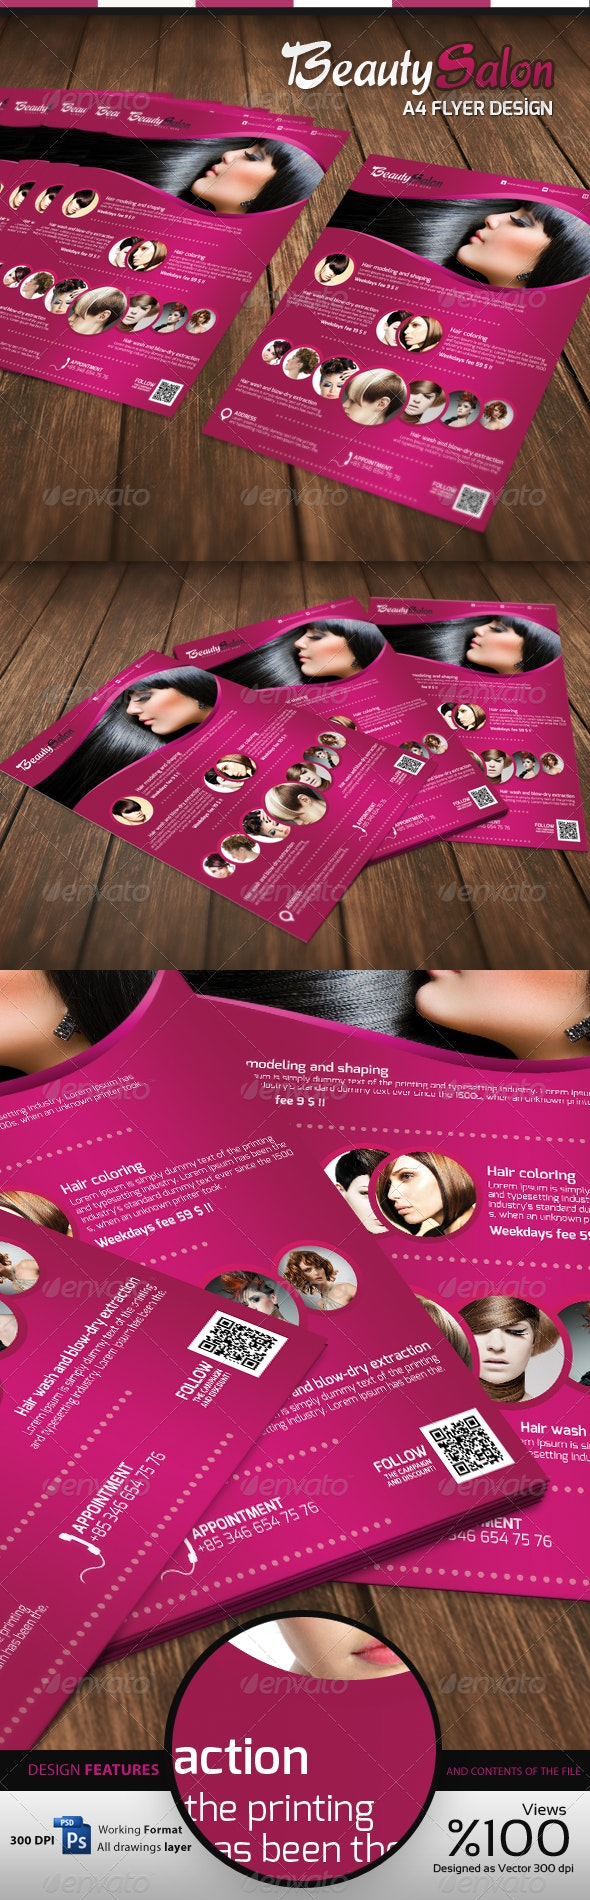 Beauty Salon - A4 Flyer - Commerce Flyers